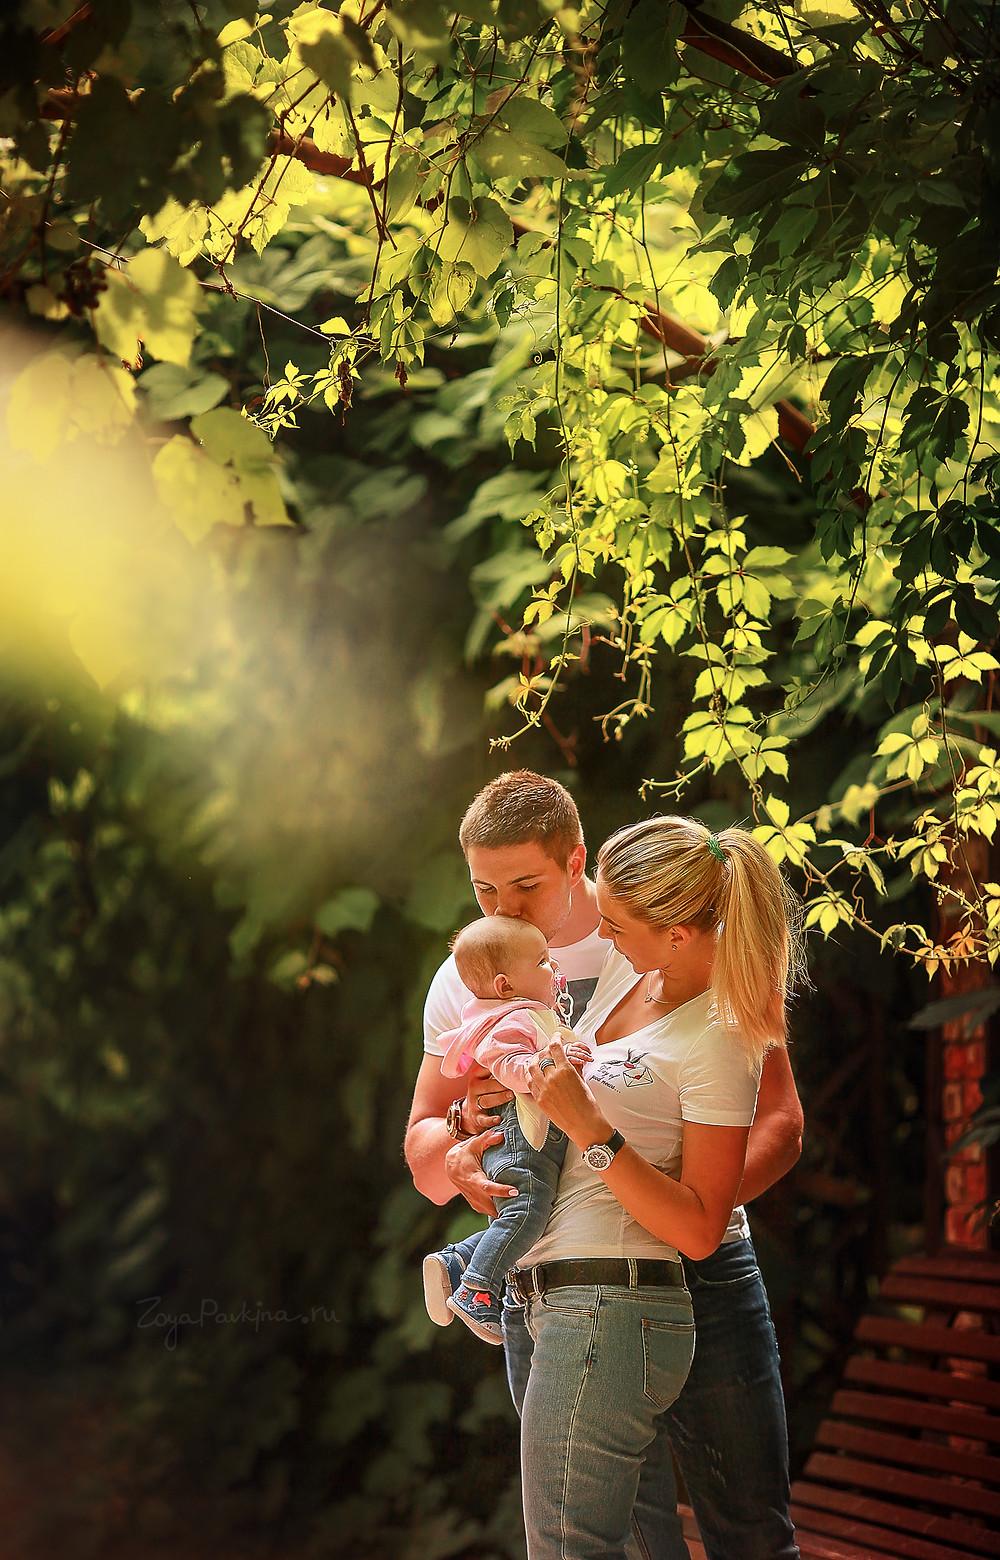 Семья в Аптекарском огороде. Семейеная фотосессия.